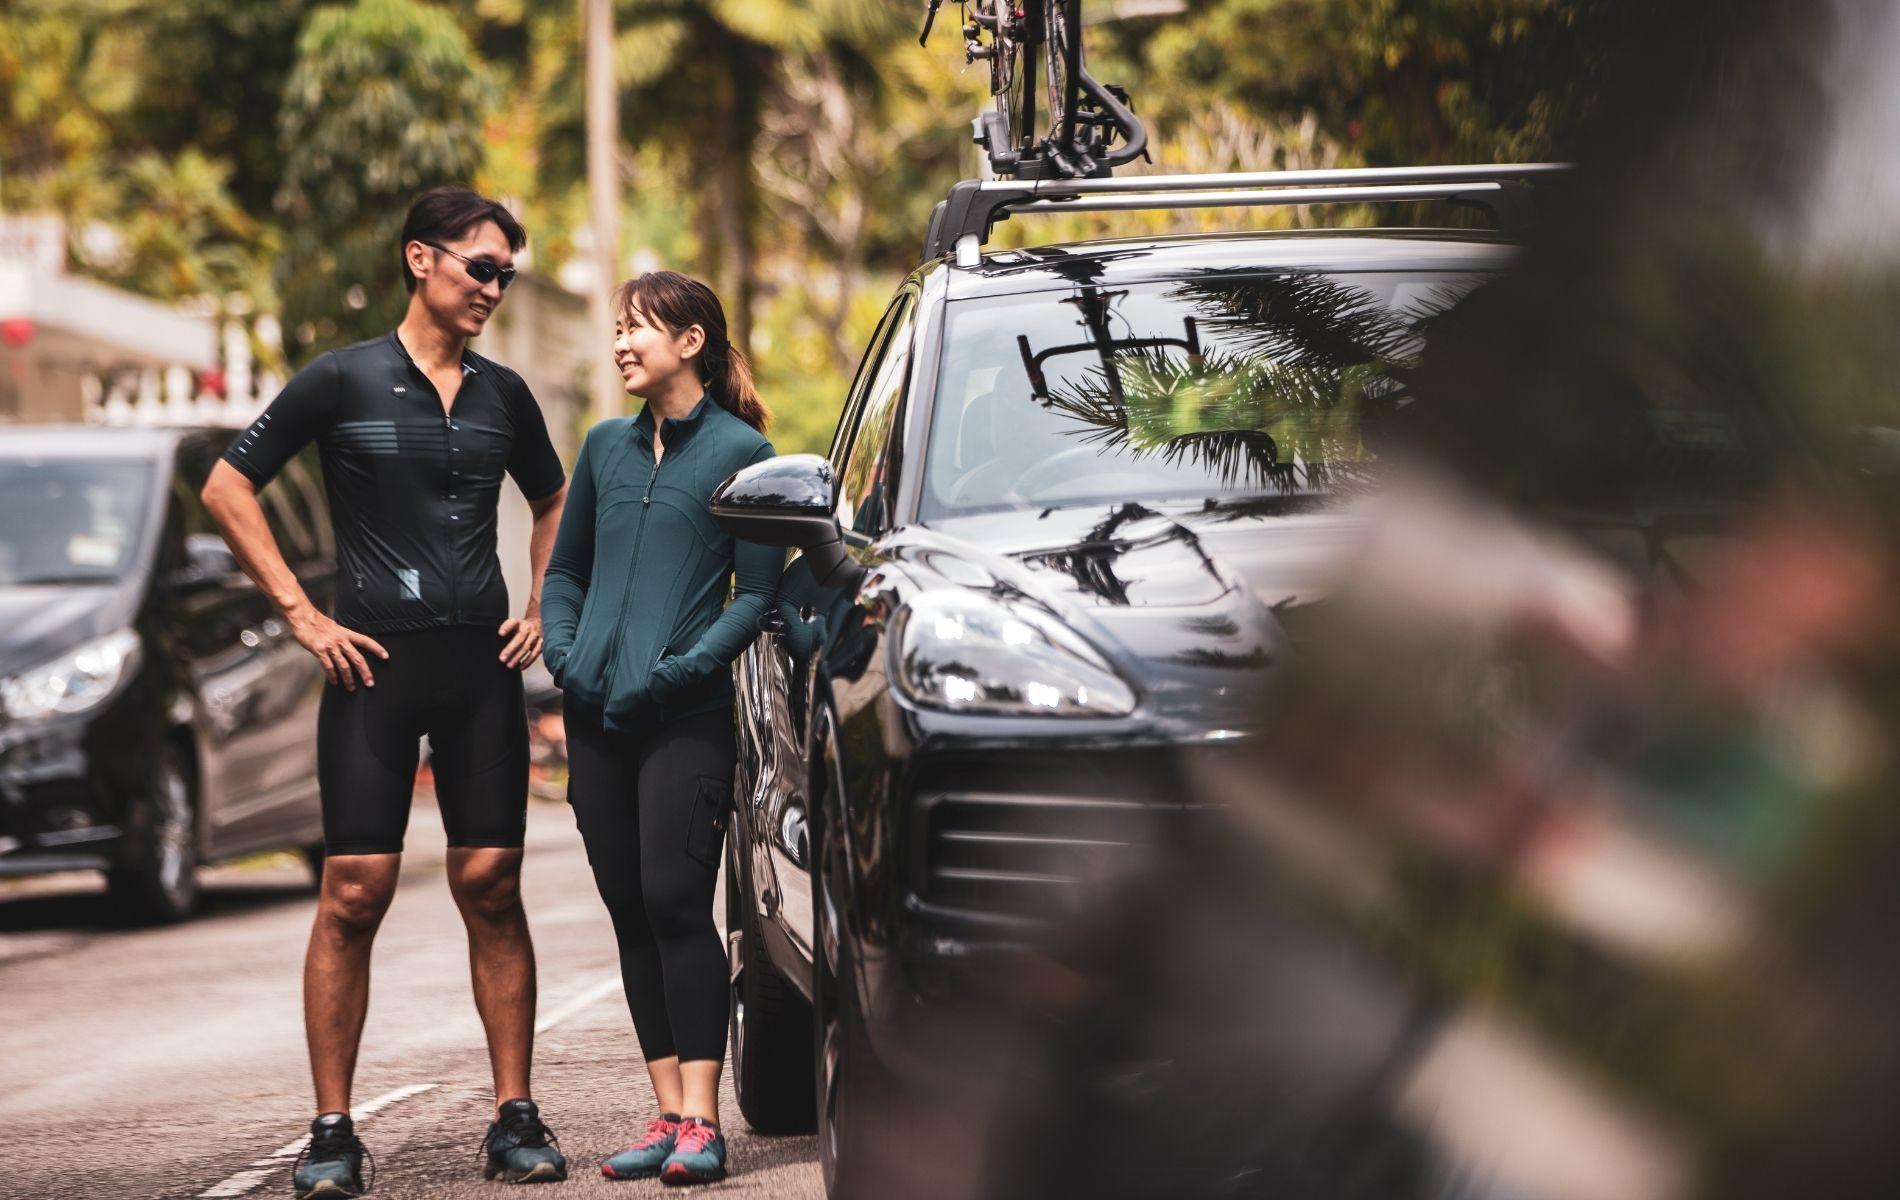 Tan Shen Wein and Lim Ai San stay on the active trail with Porsche Cayenne (Photo: Khairul Imran/Tatler Malaysia)